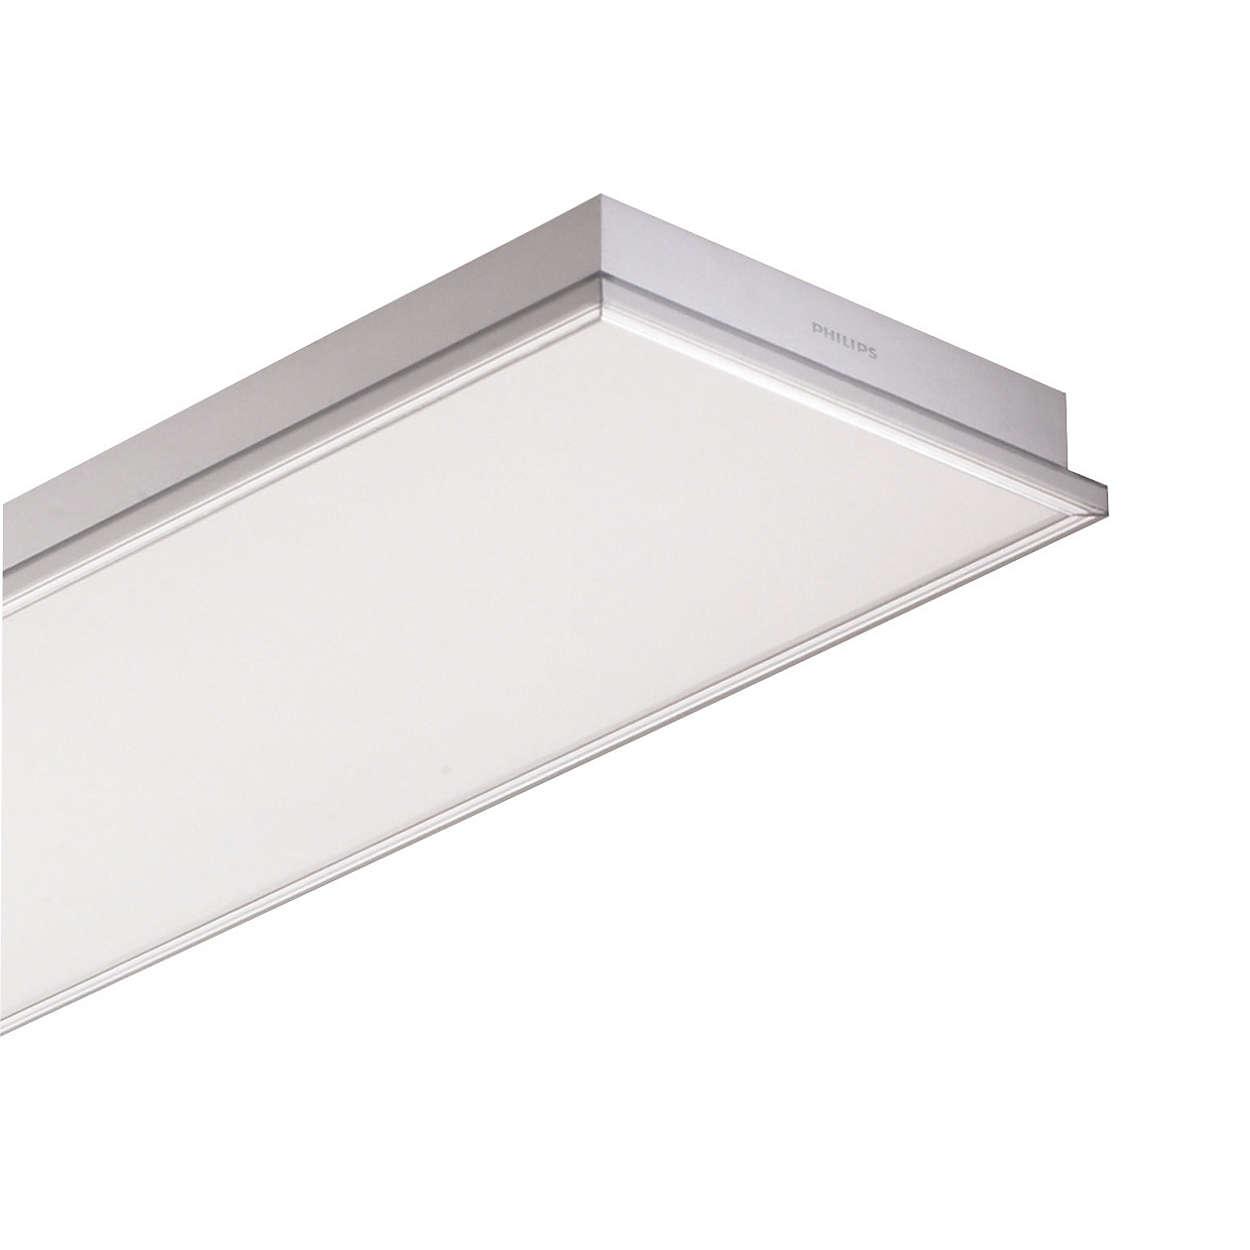 Savio – pure light